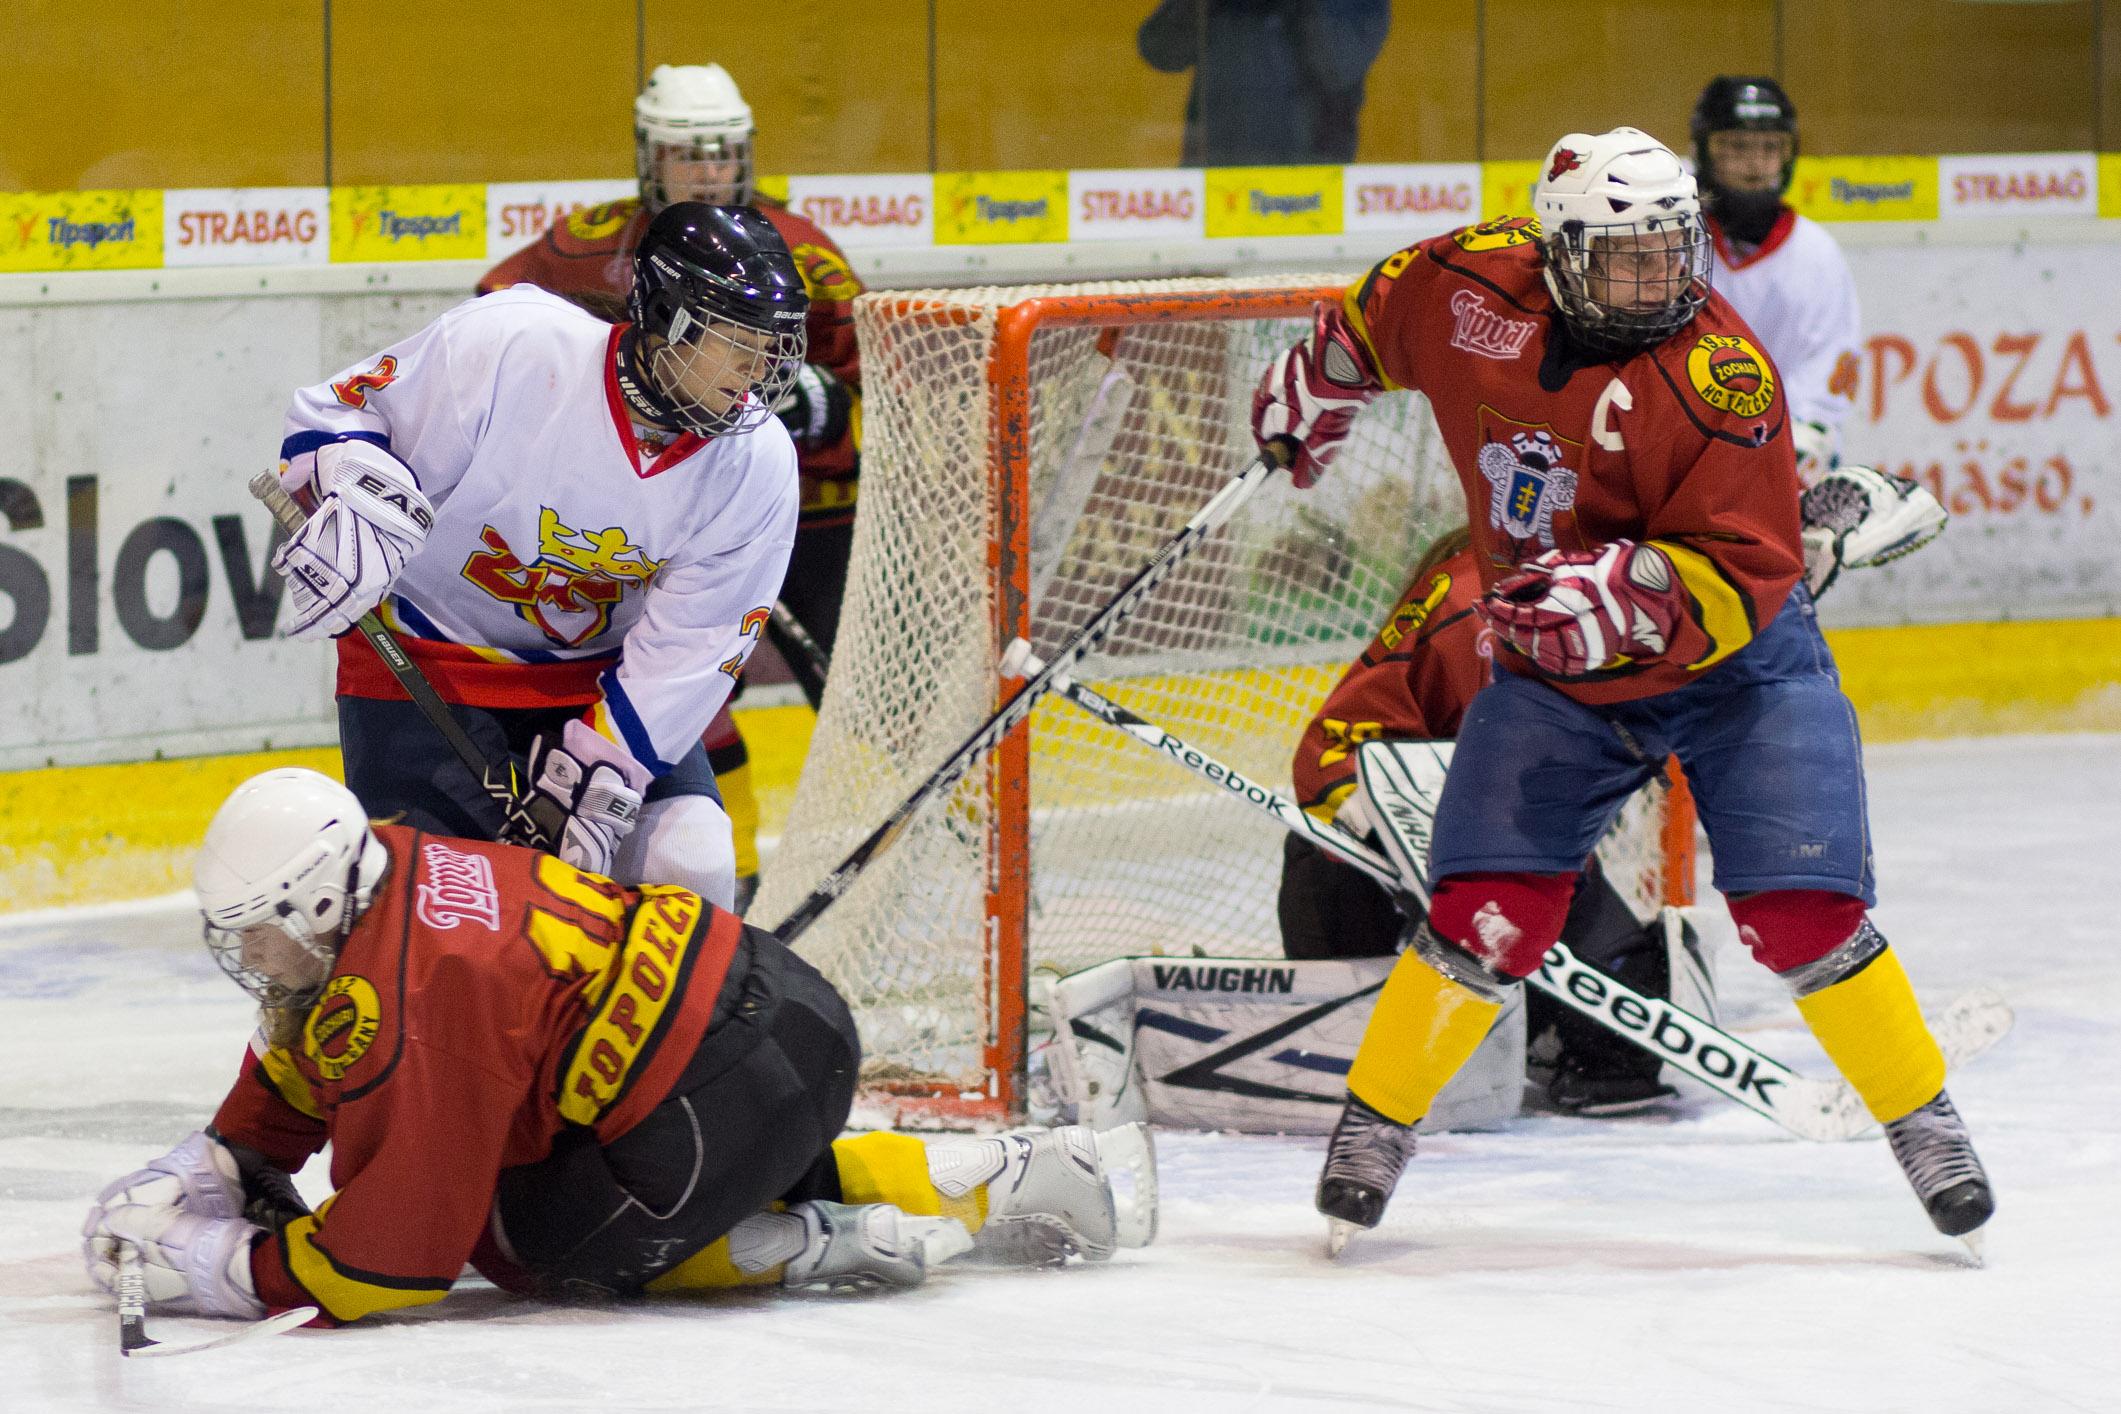 zhkm-zvolen-hc-topolcany-2013-hokej-14